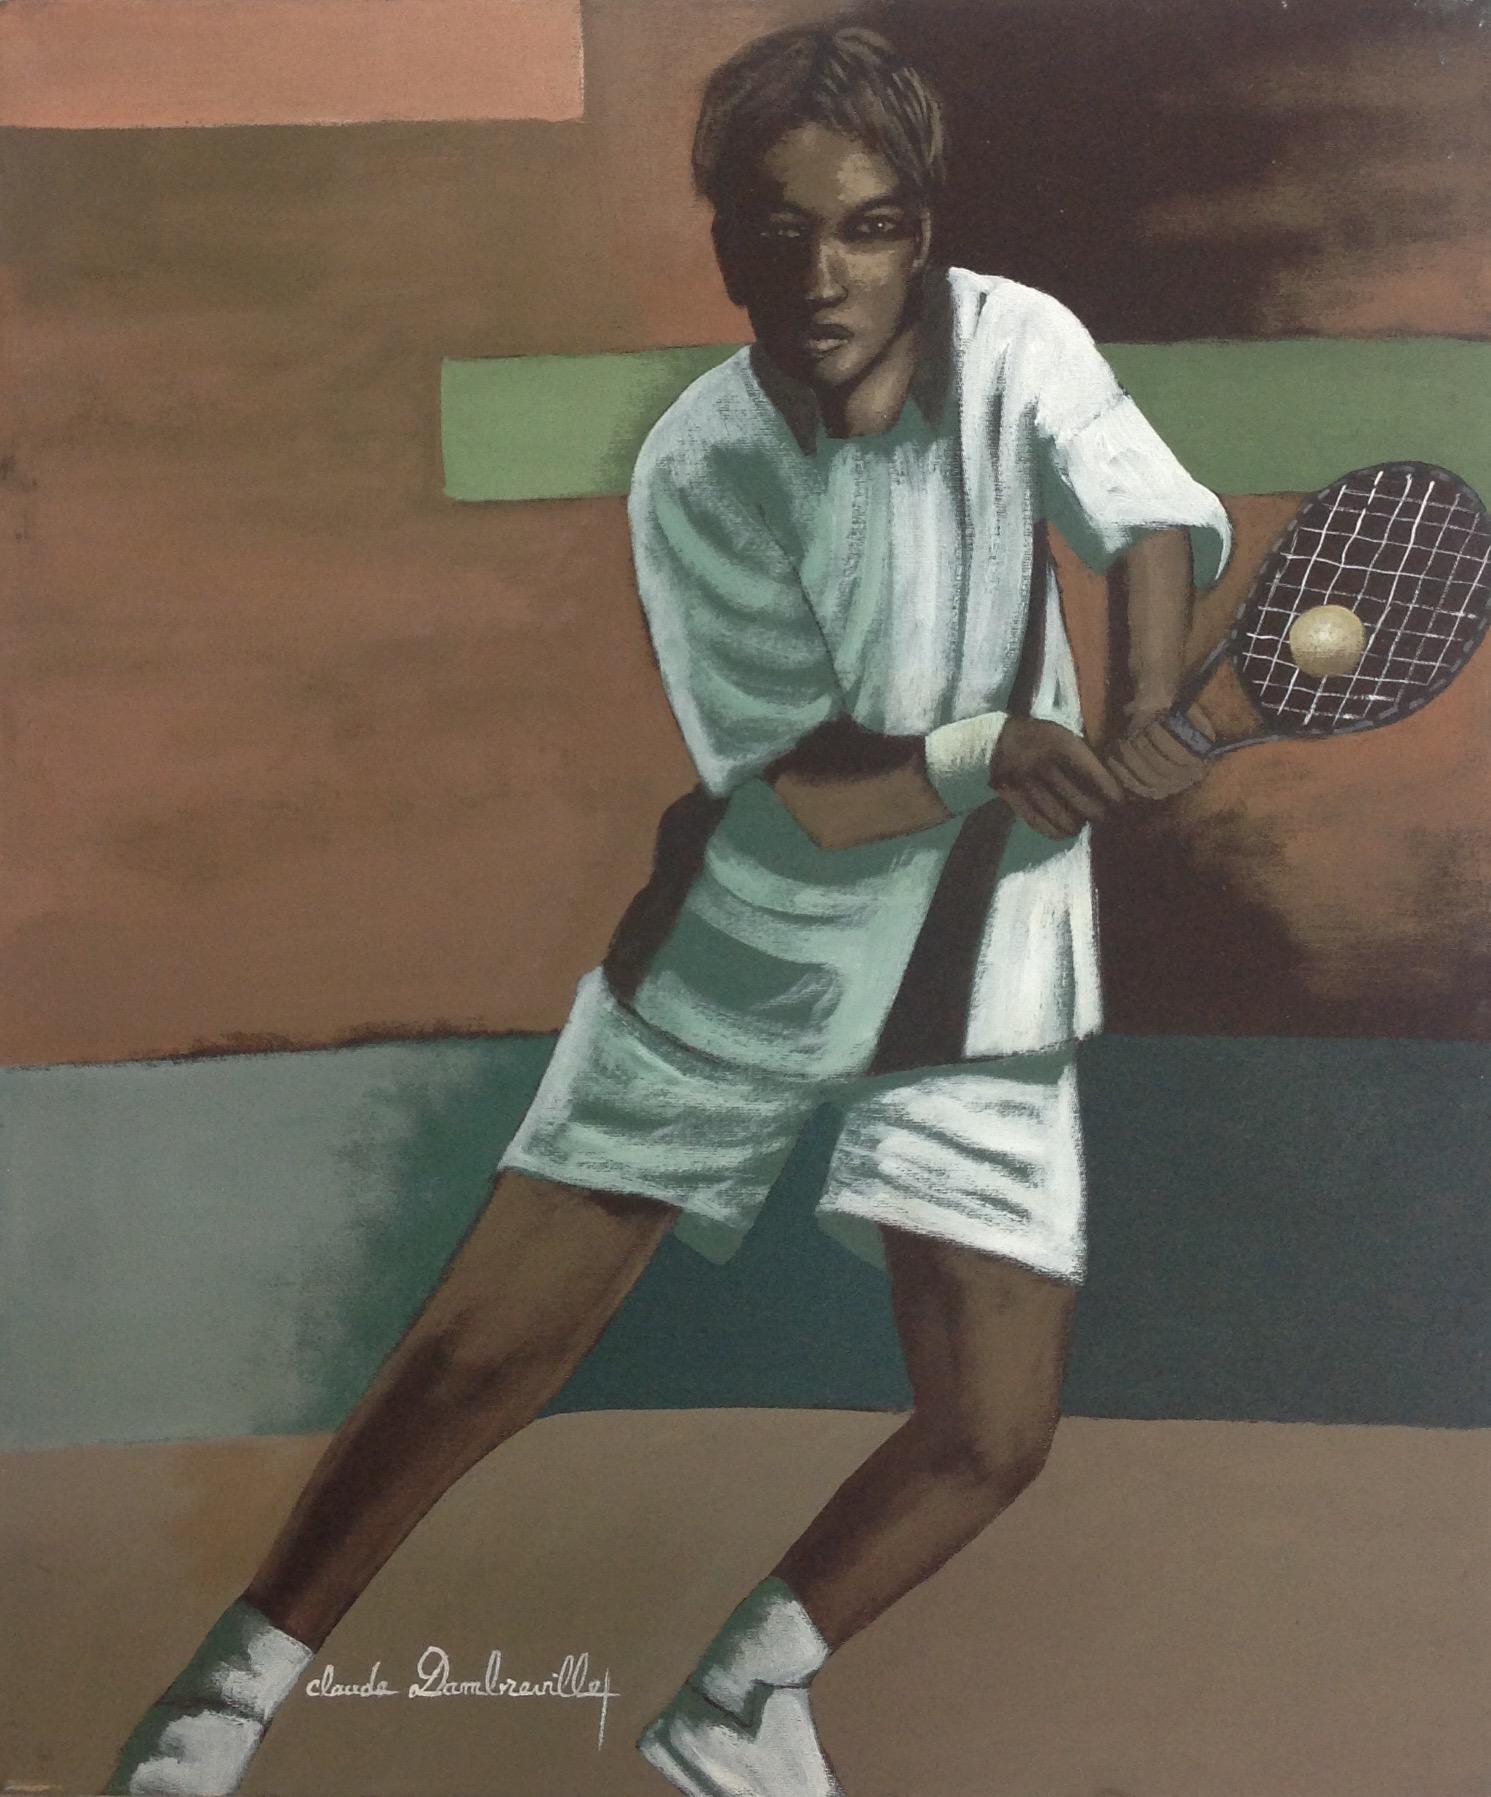 Dambreville Claude 20X24 #260-3-96 canvas 1999